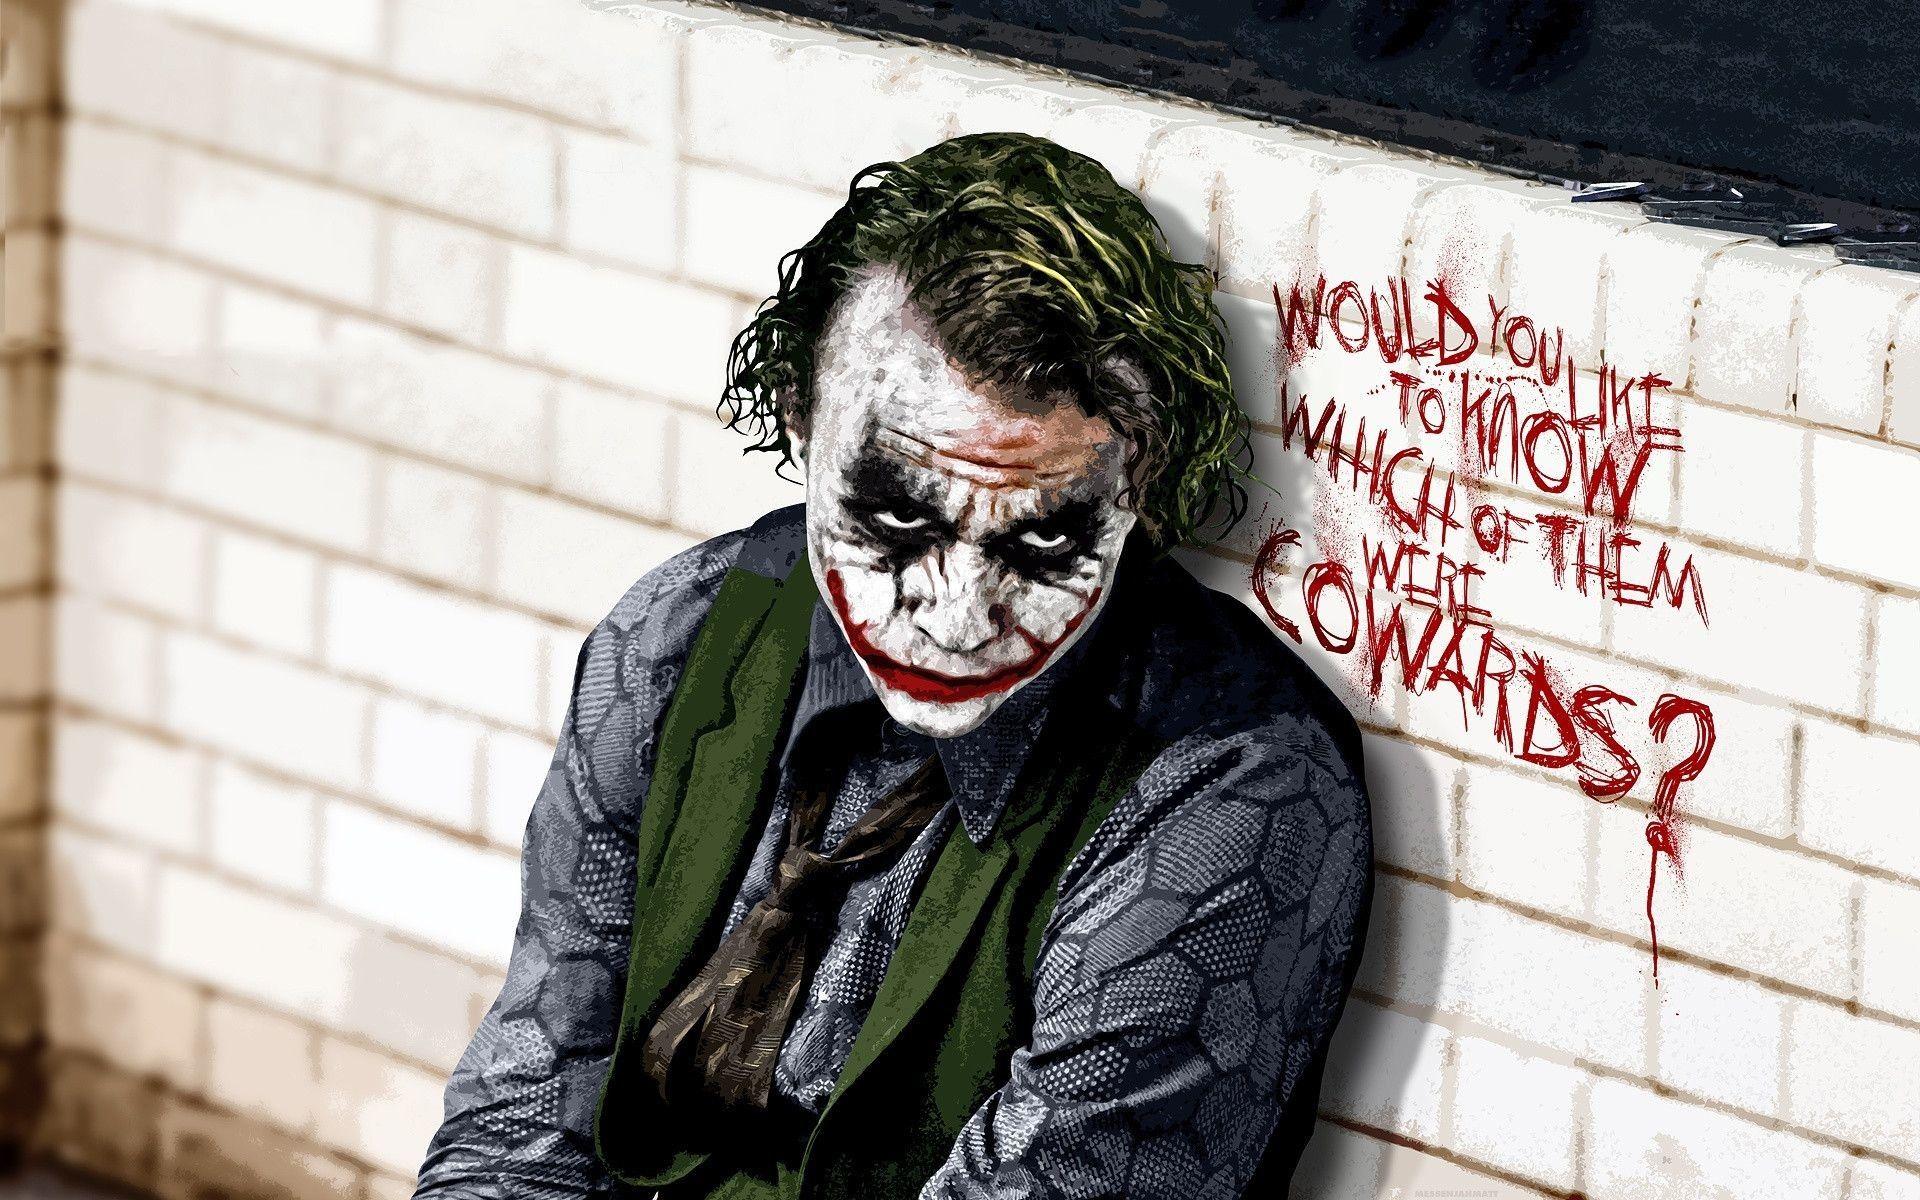 Artiste Non Connu Joker Hd Wallpaper Dark Knight Wallpaper Batman Joker Wallpaper